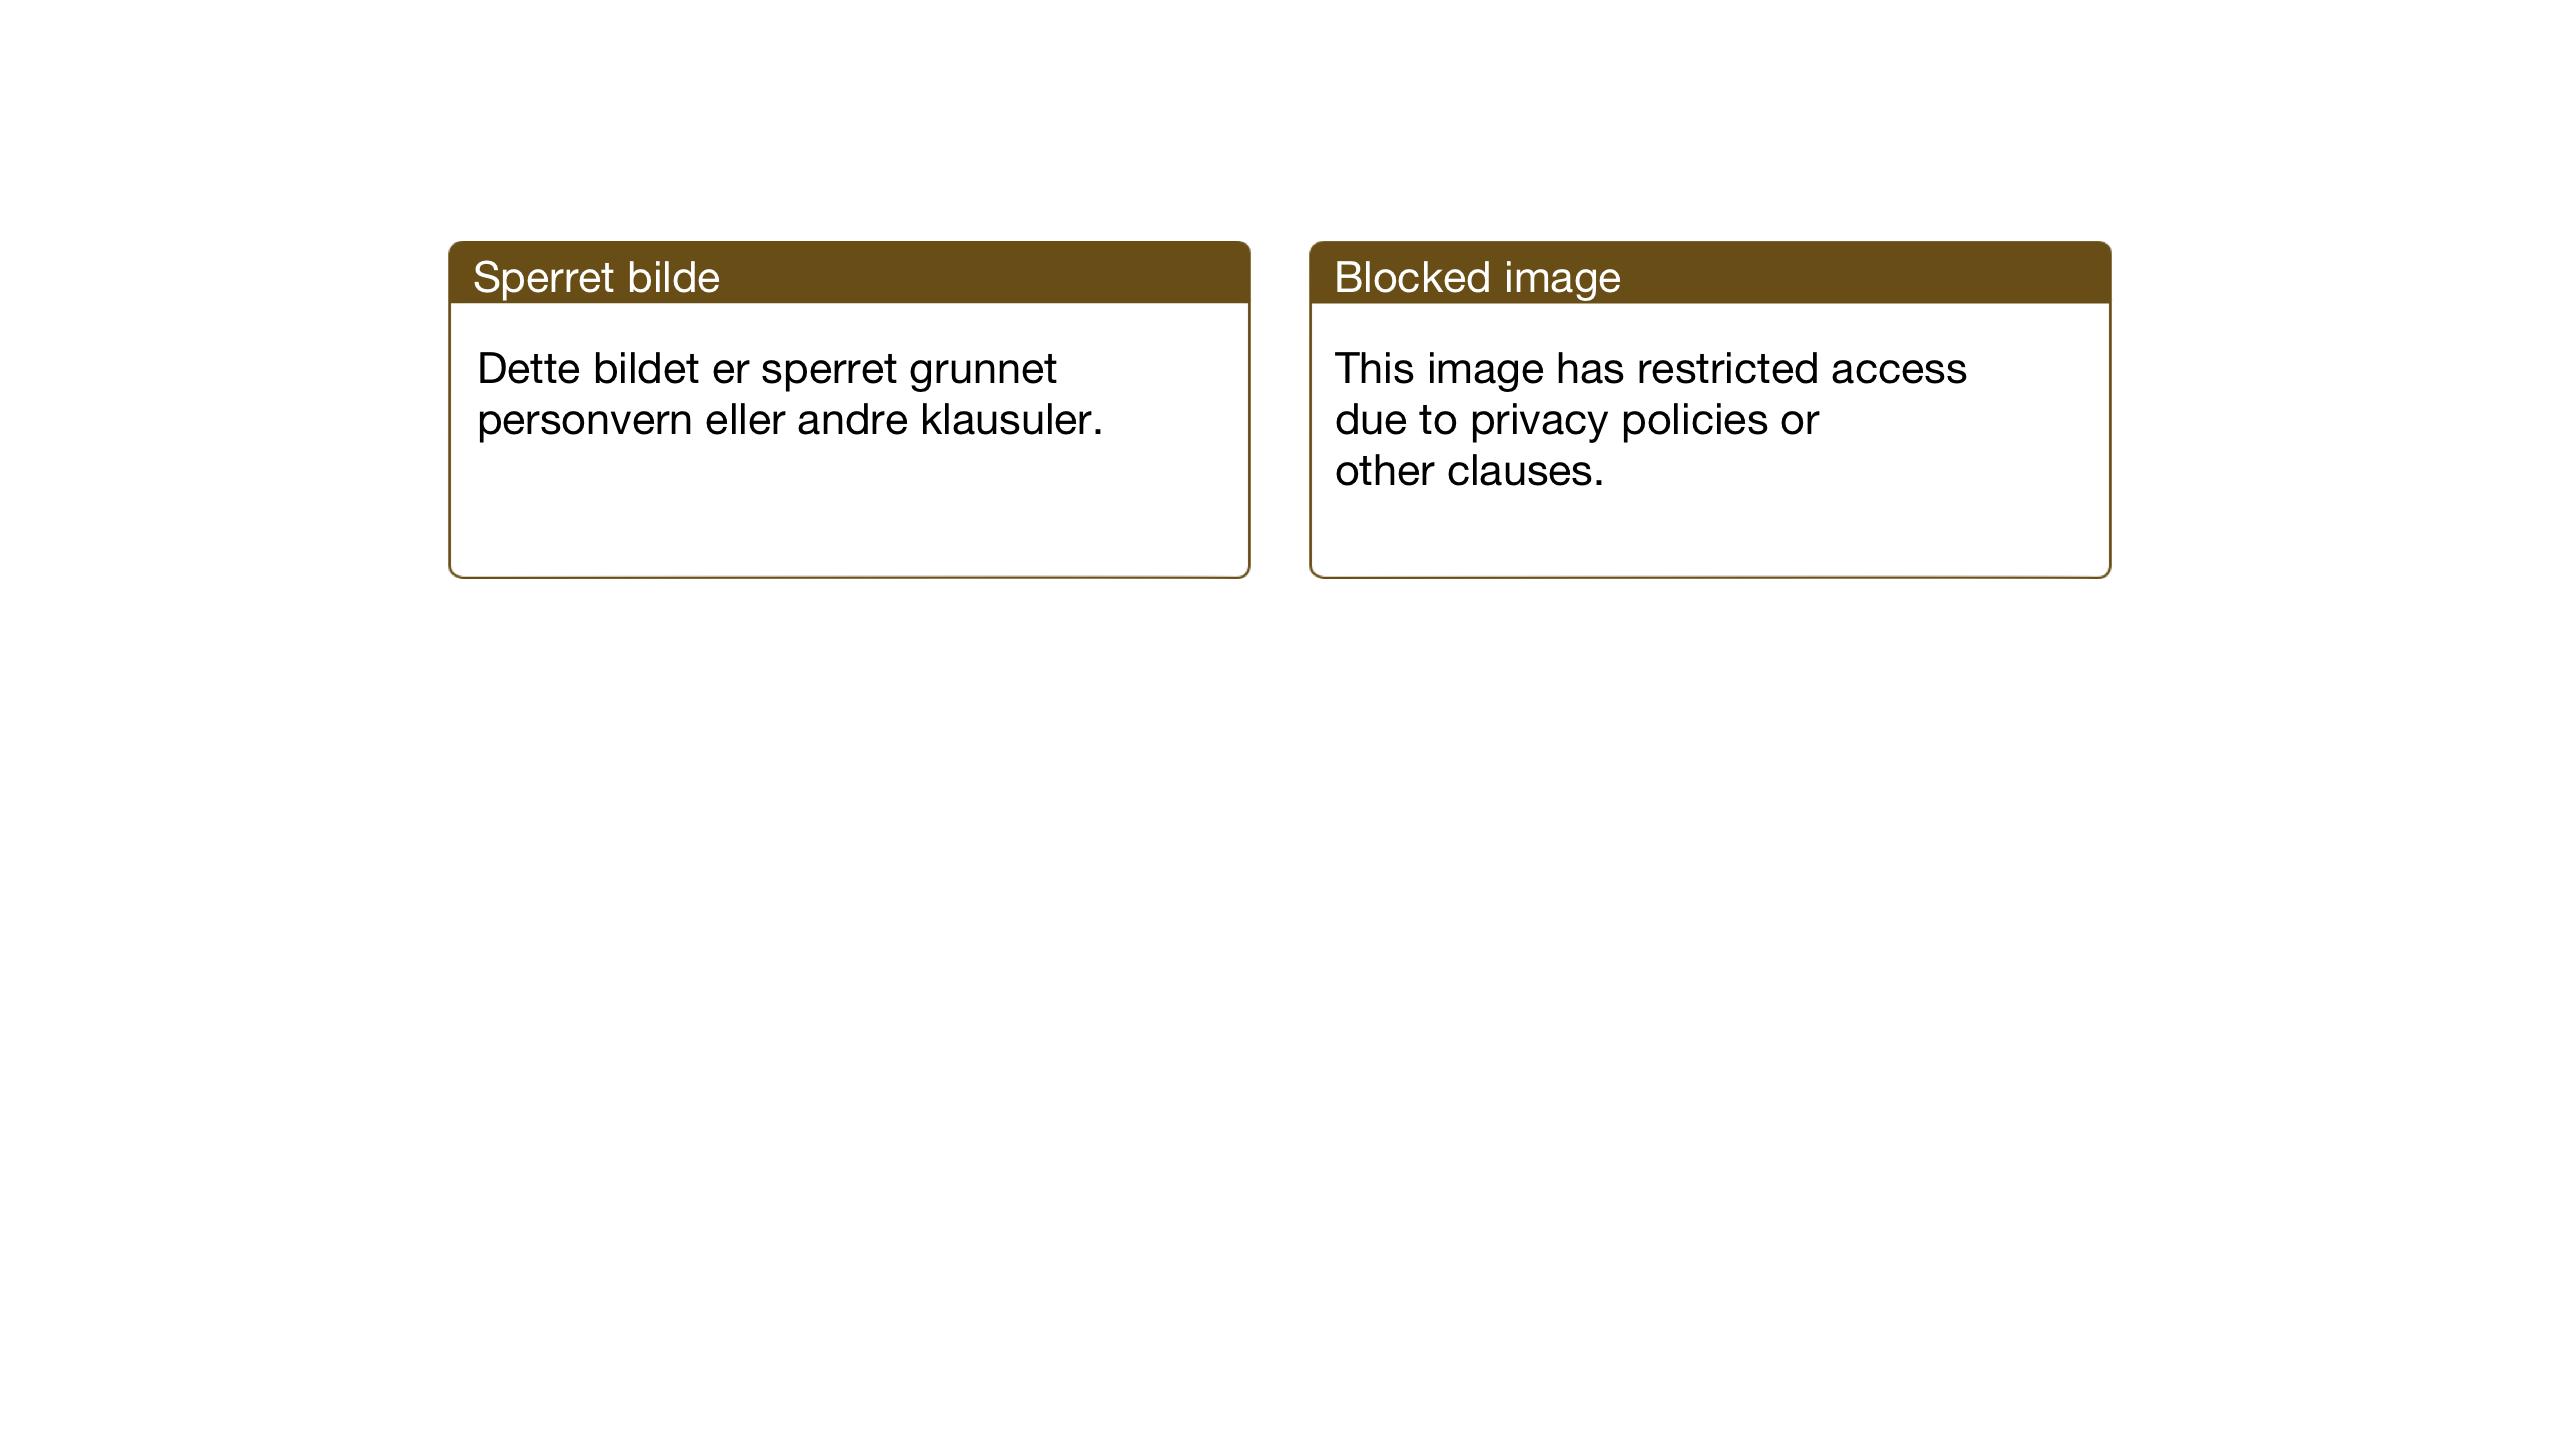 SAT, Ministerialprotokoller, klokkerbøker og fødselsregistre - Sør-Trøndelag, 674/L0878: Klokkerbok nr. 674C05, 1941-1950, s. 132